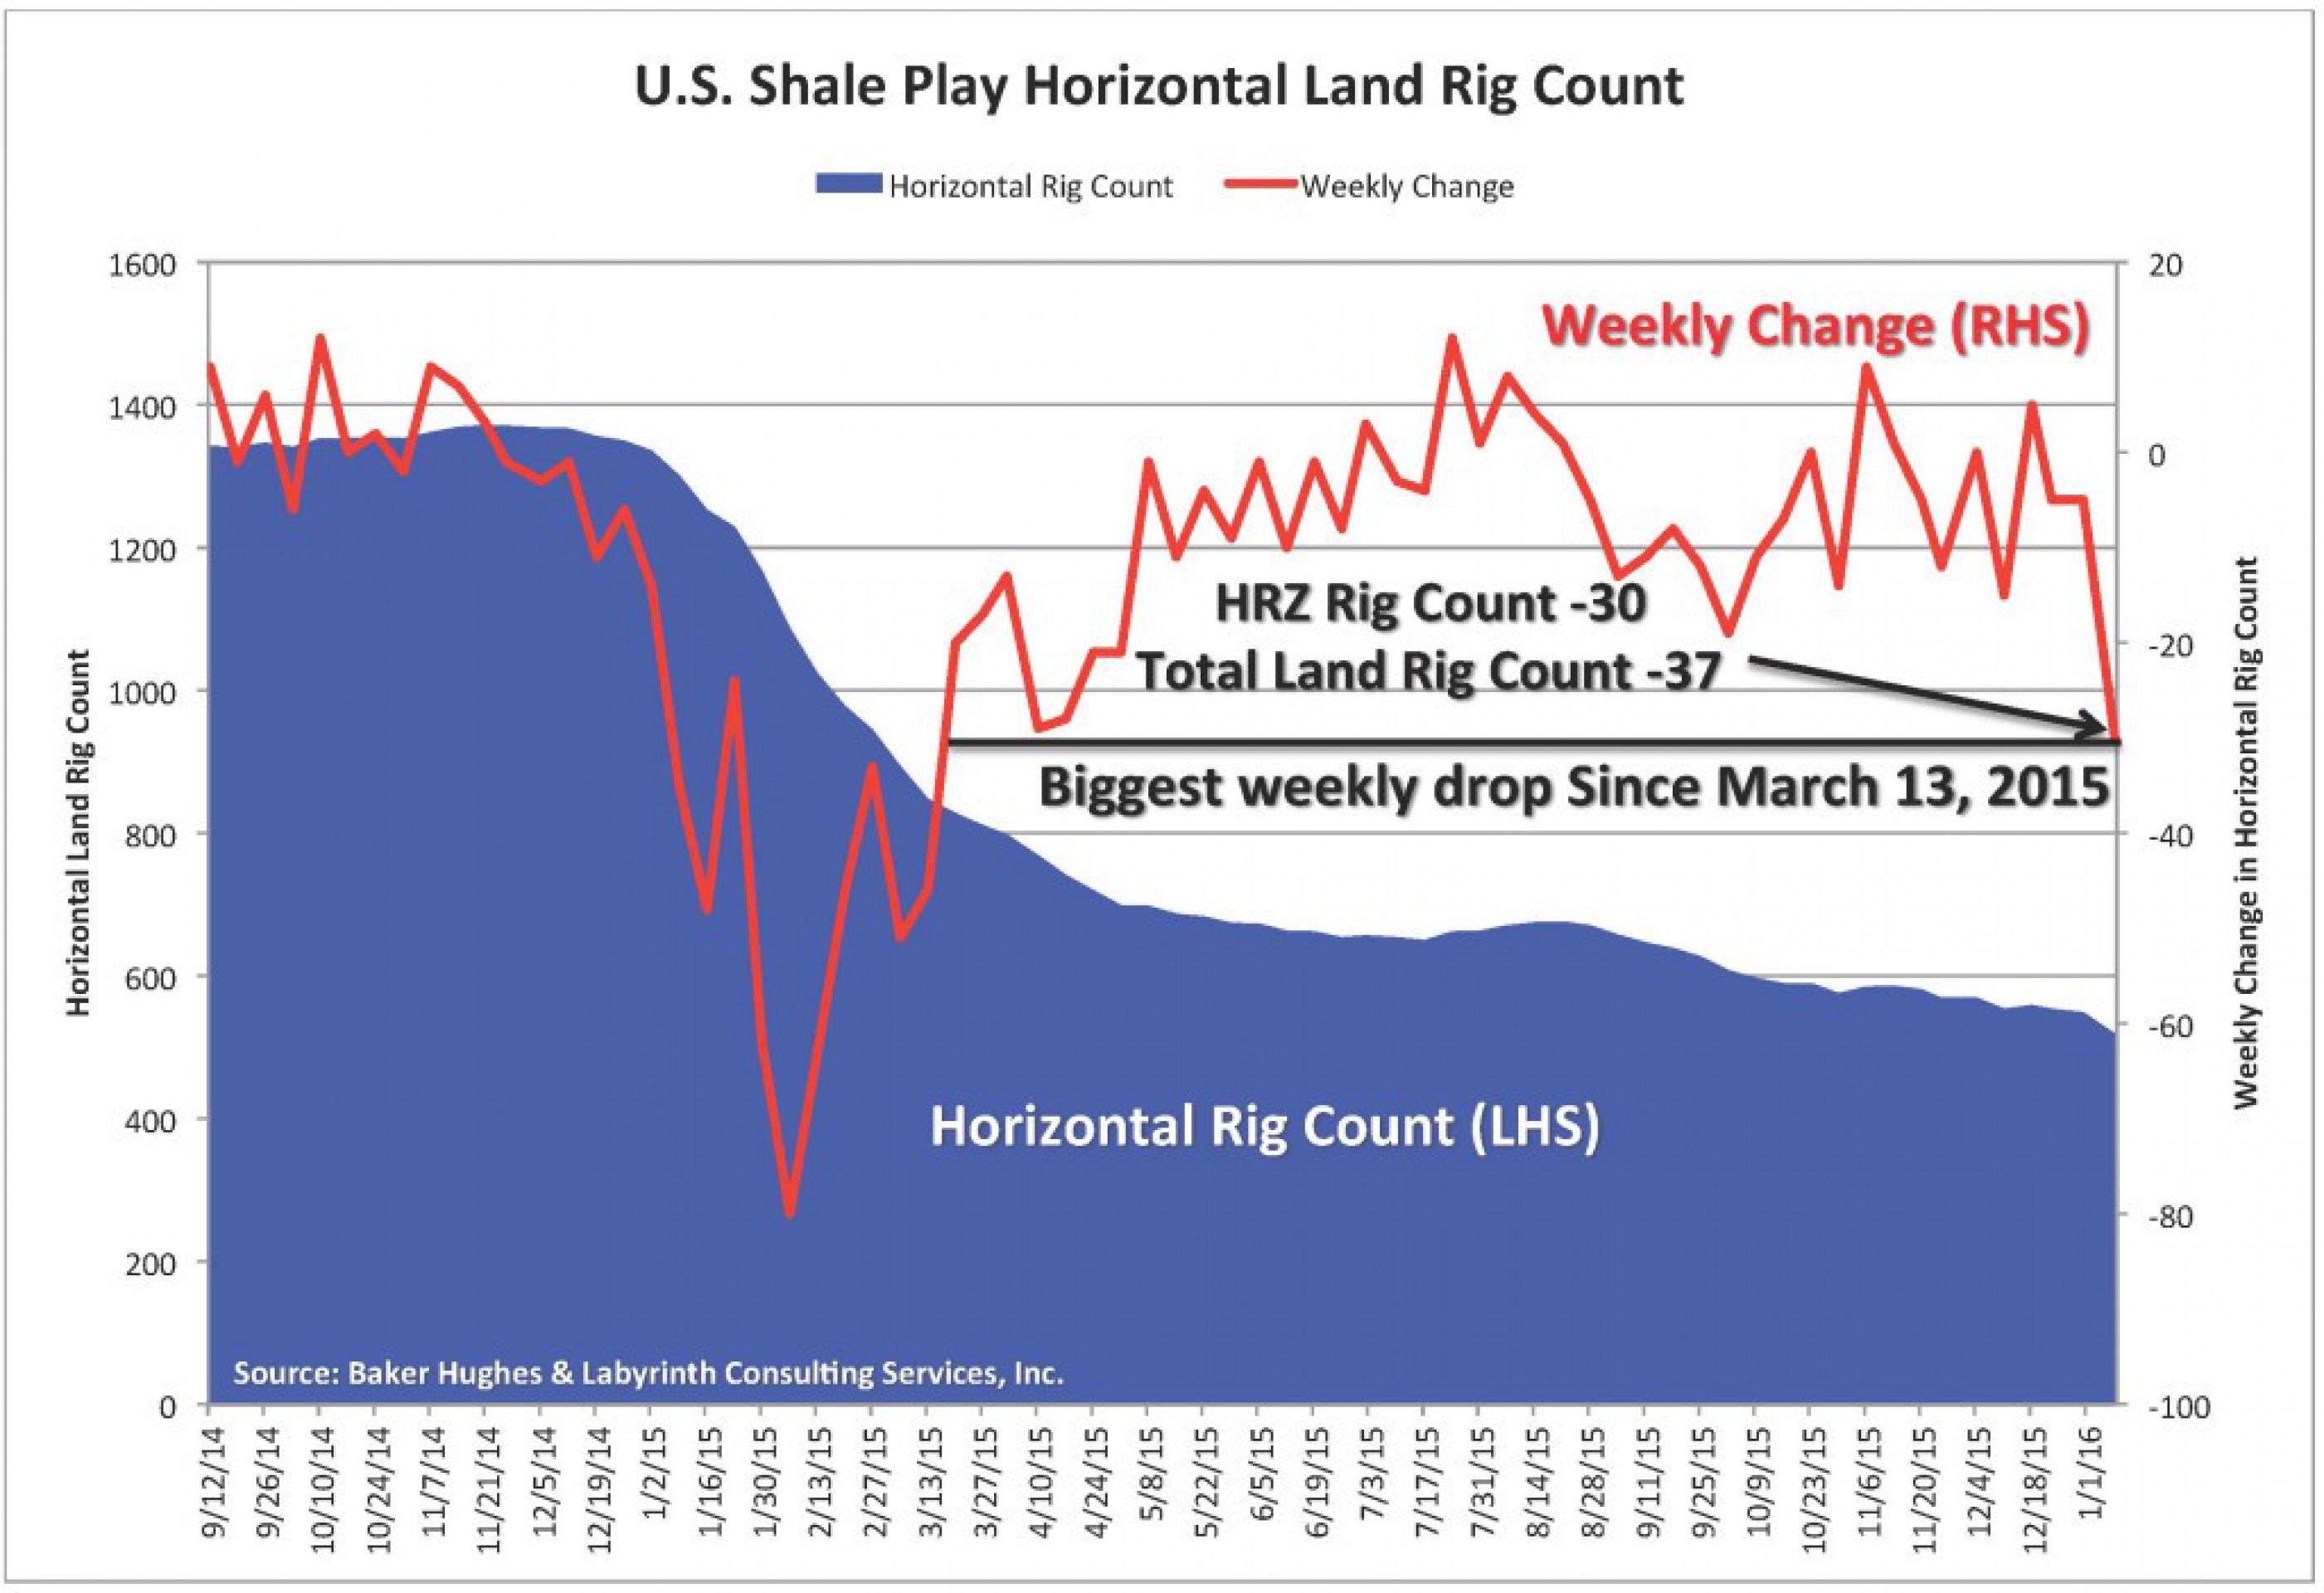 Буровые установки: максимальное падение с марта 2015 Распечатать